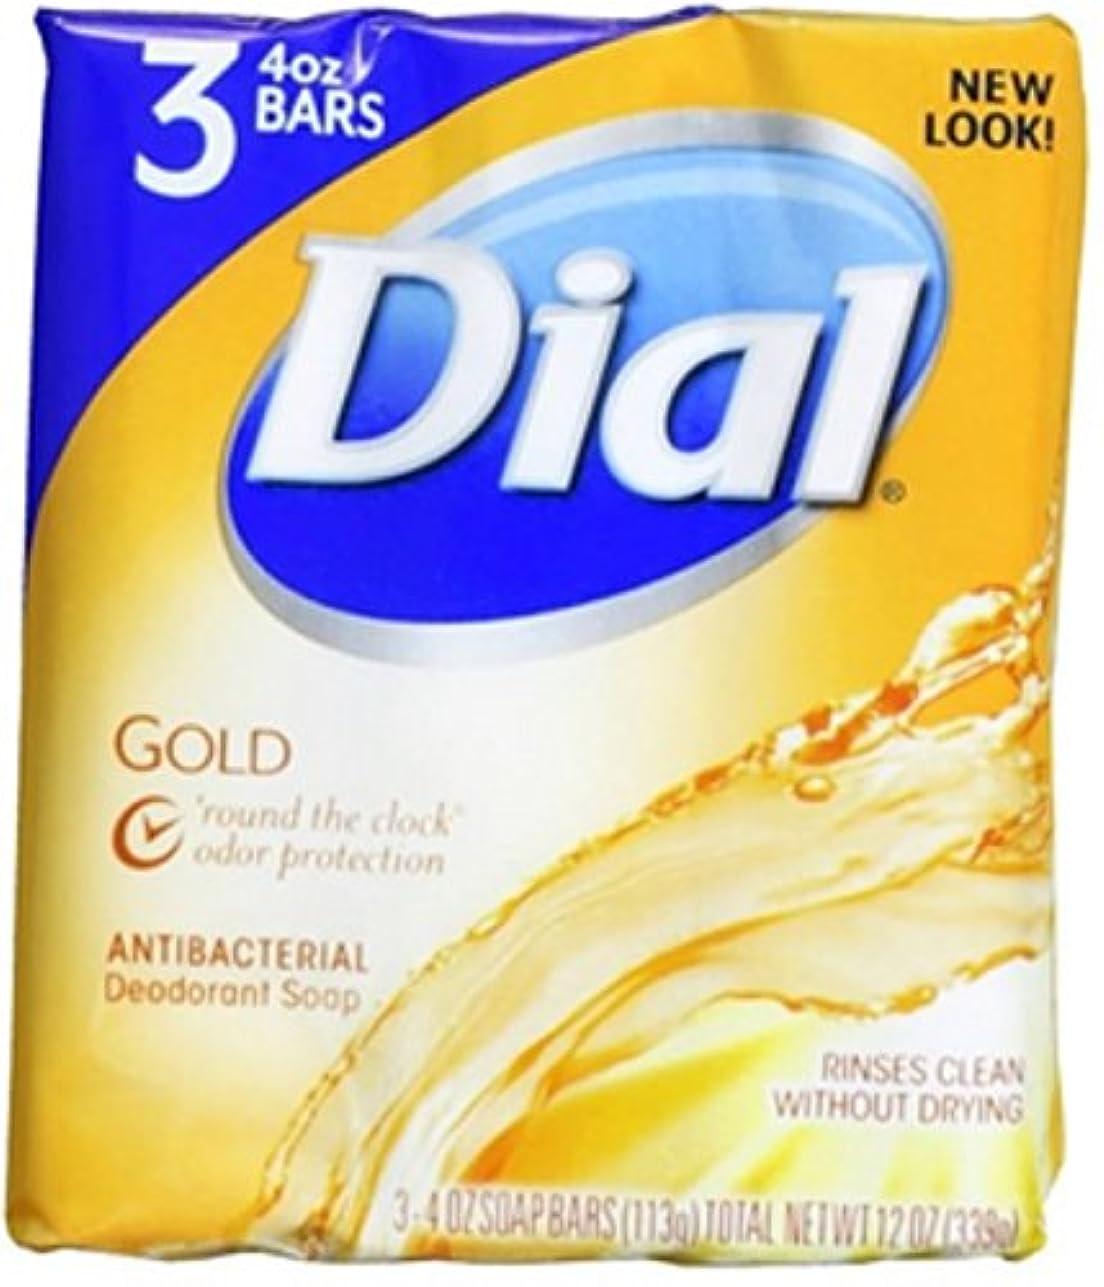 でるパプアニューギニアアスペクトDial 抗菌消臭石鹸バー、ゴールド、4つのオズバー、3 Eaは(6パック)